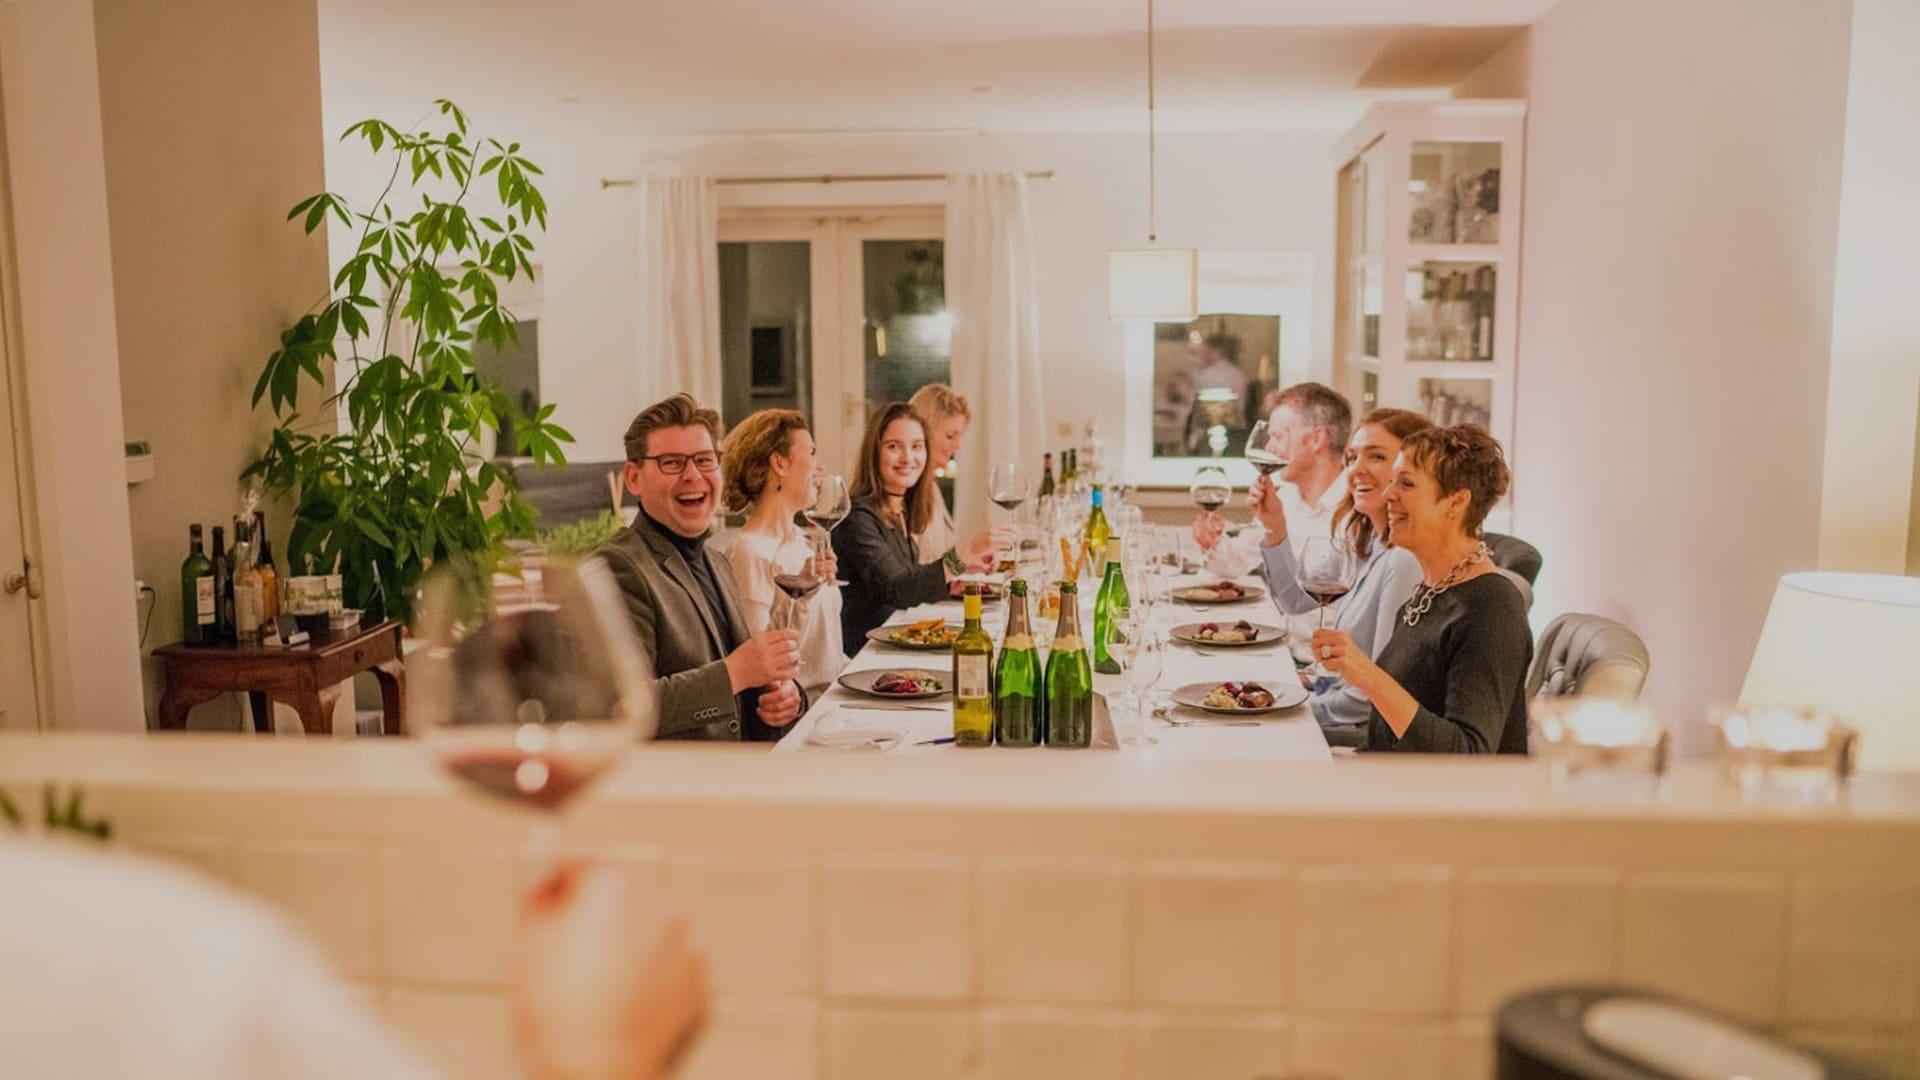 Een privé-kok inhuren is nog nooit zo gemakkelijk geweest, iedere gelegenheid is uniek en het inhuren van een private chef is maatwerk